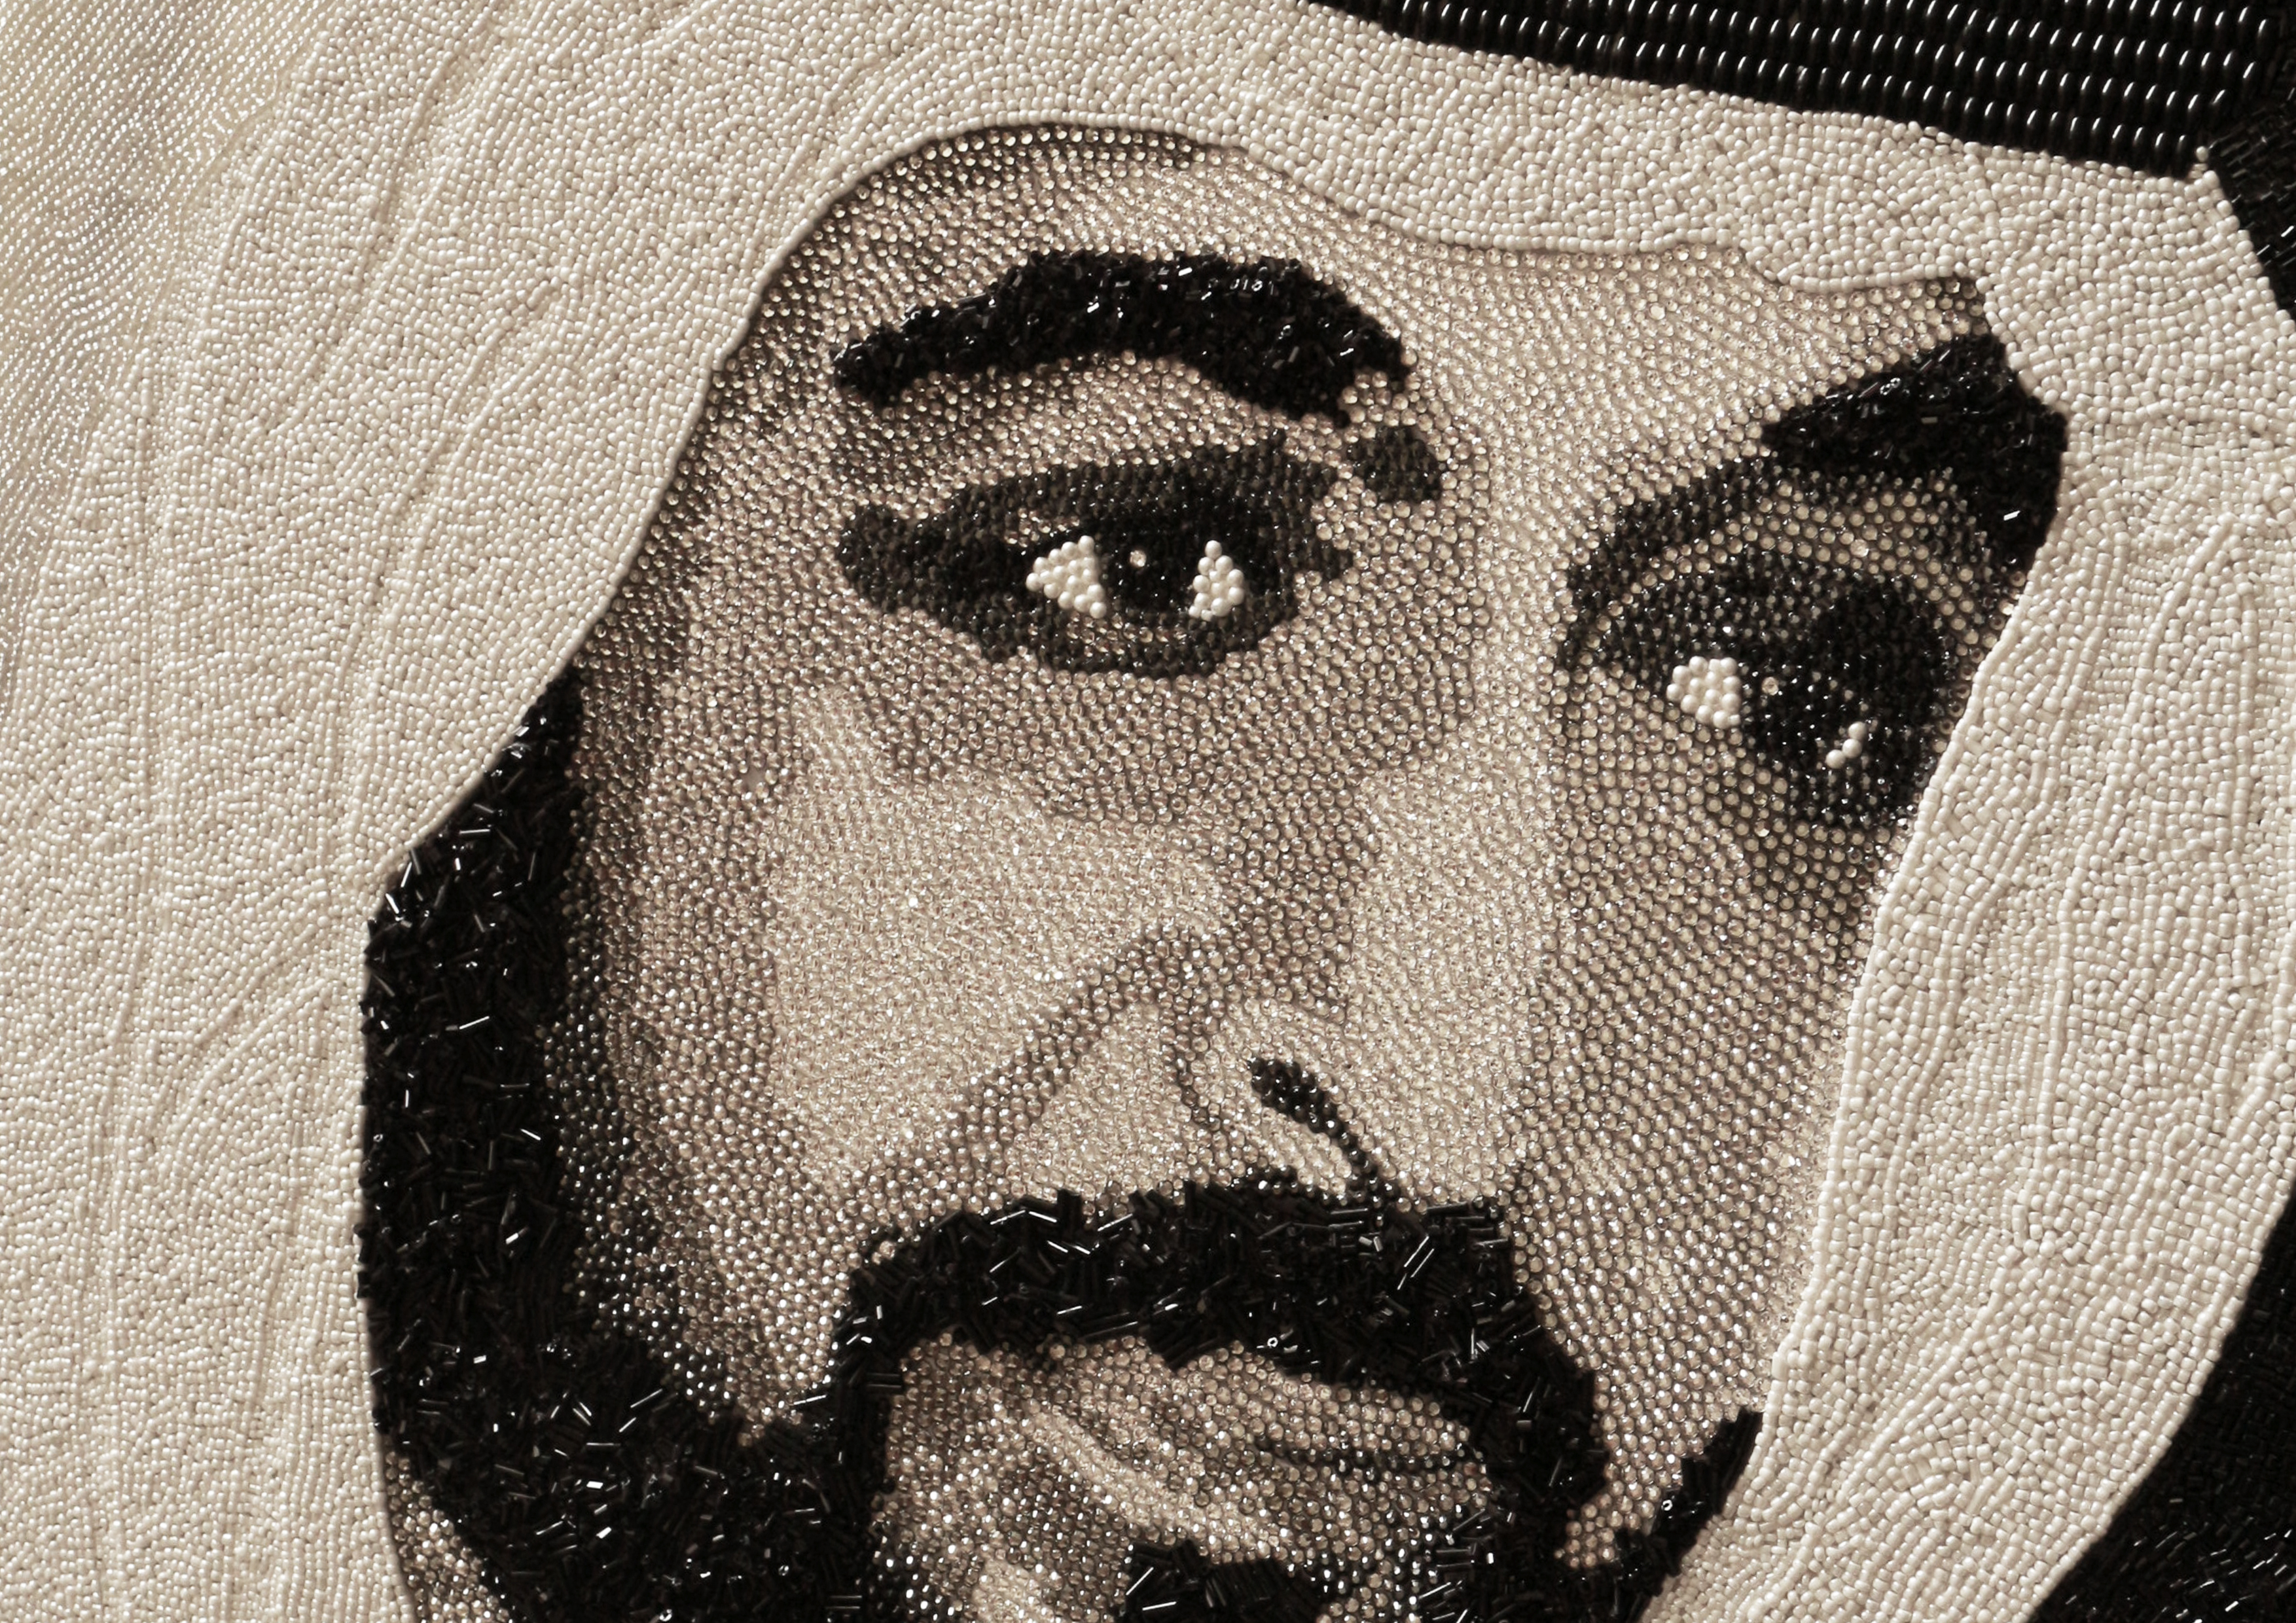 HH Sheikh Khalifa Abu Dhabi Natalie Daghestani Swarovski Art